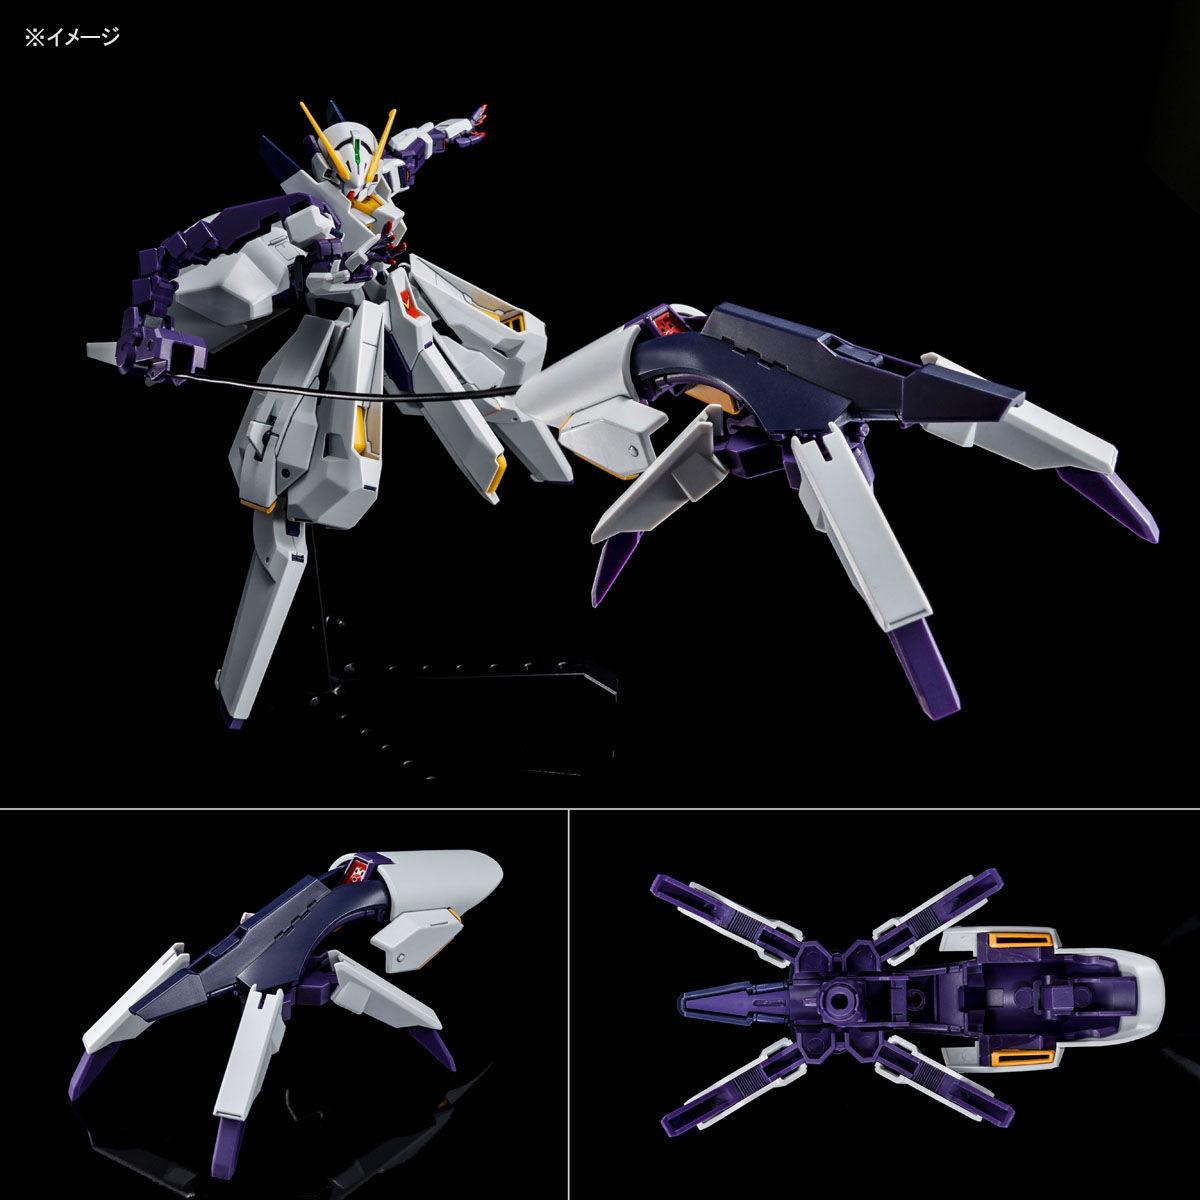 【再販】HGUC 1/144『ガンダムTR-6[ウーンドウォート]』プラモデル-006